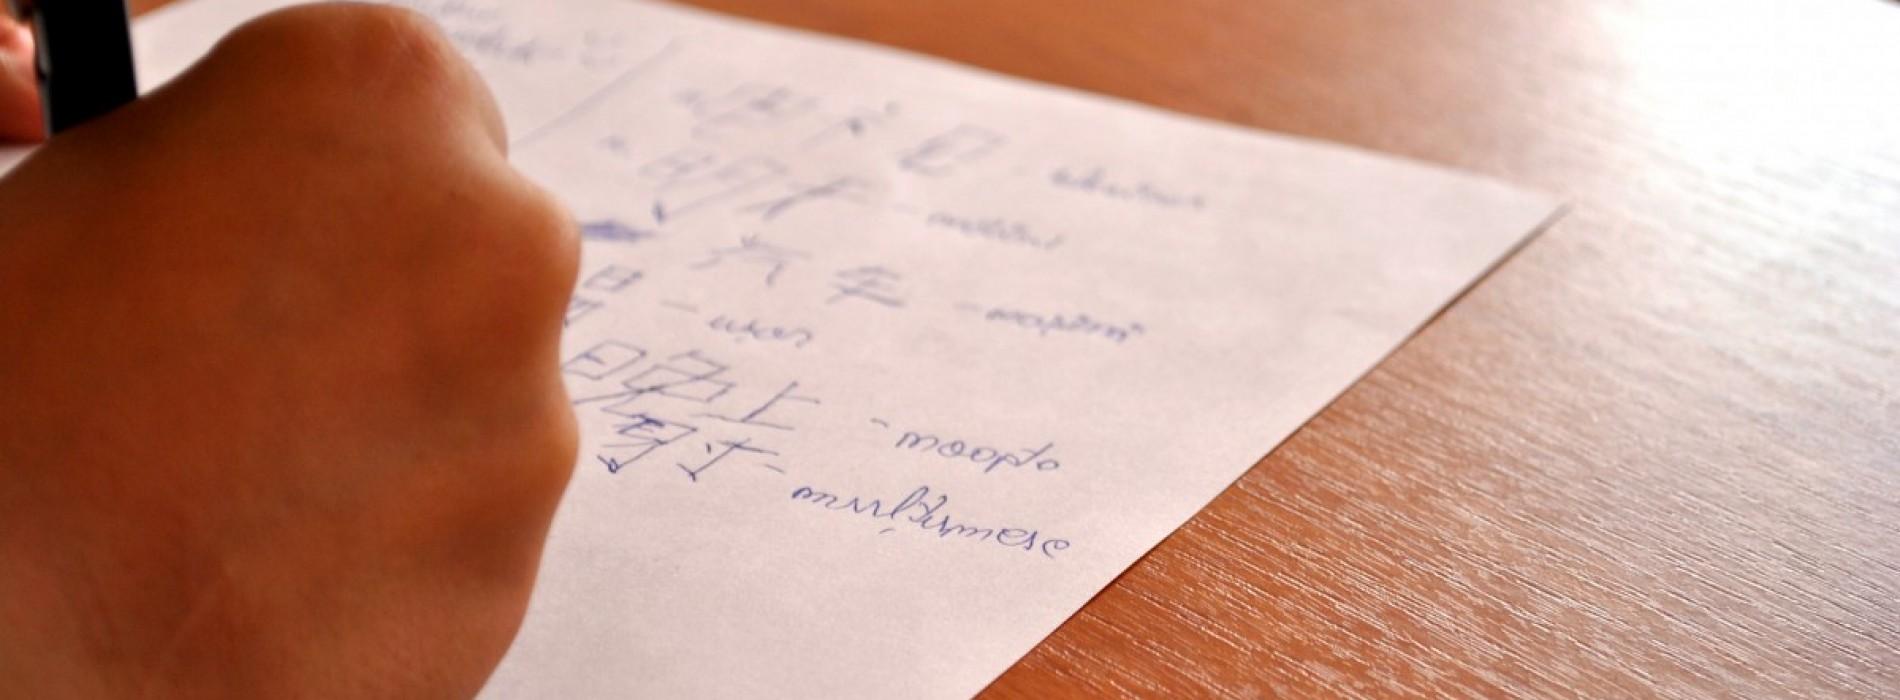 Te învață chineza de bază, în doar 10 zile